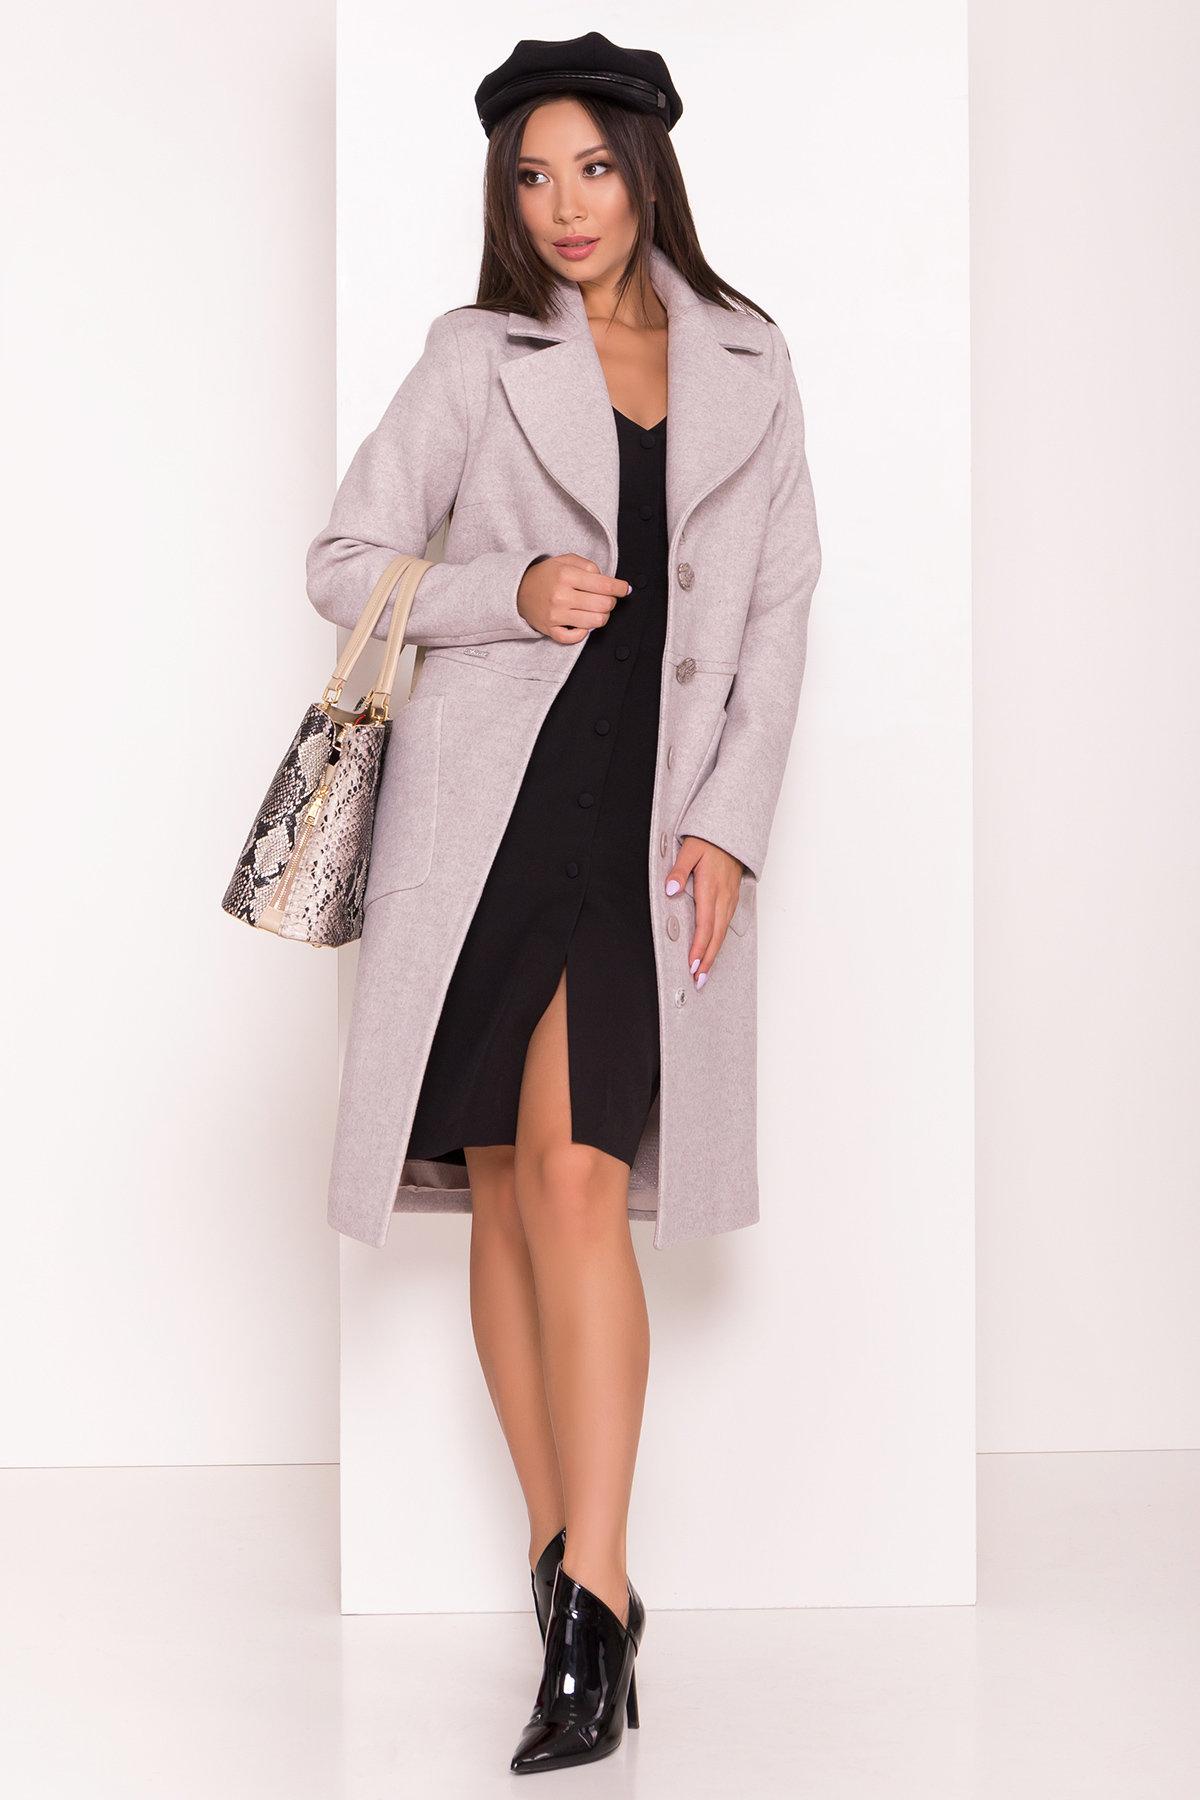 Классическое пальто Габриэлла 7872 АРТ. 43807 Цвет: Серо-бежевый 19 - фото 1, интернет магазин tm-modus.ru